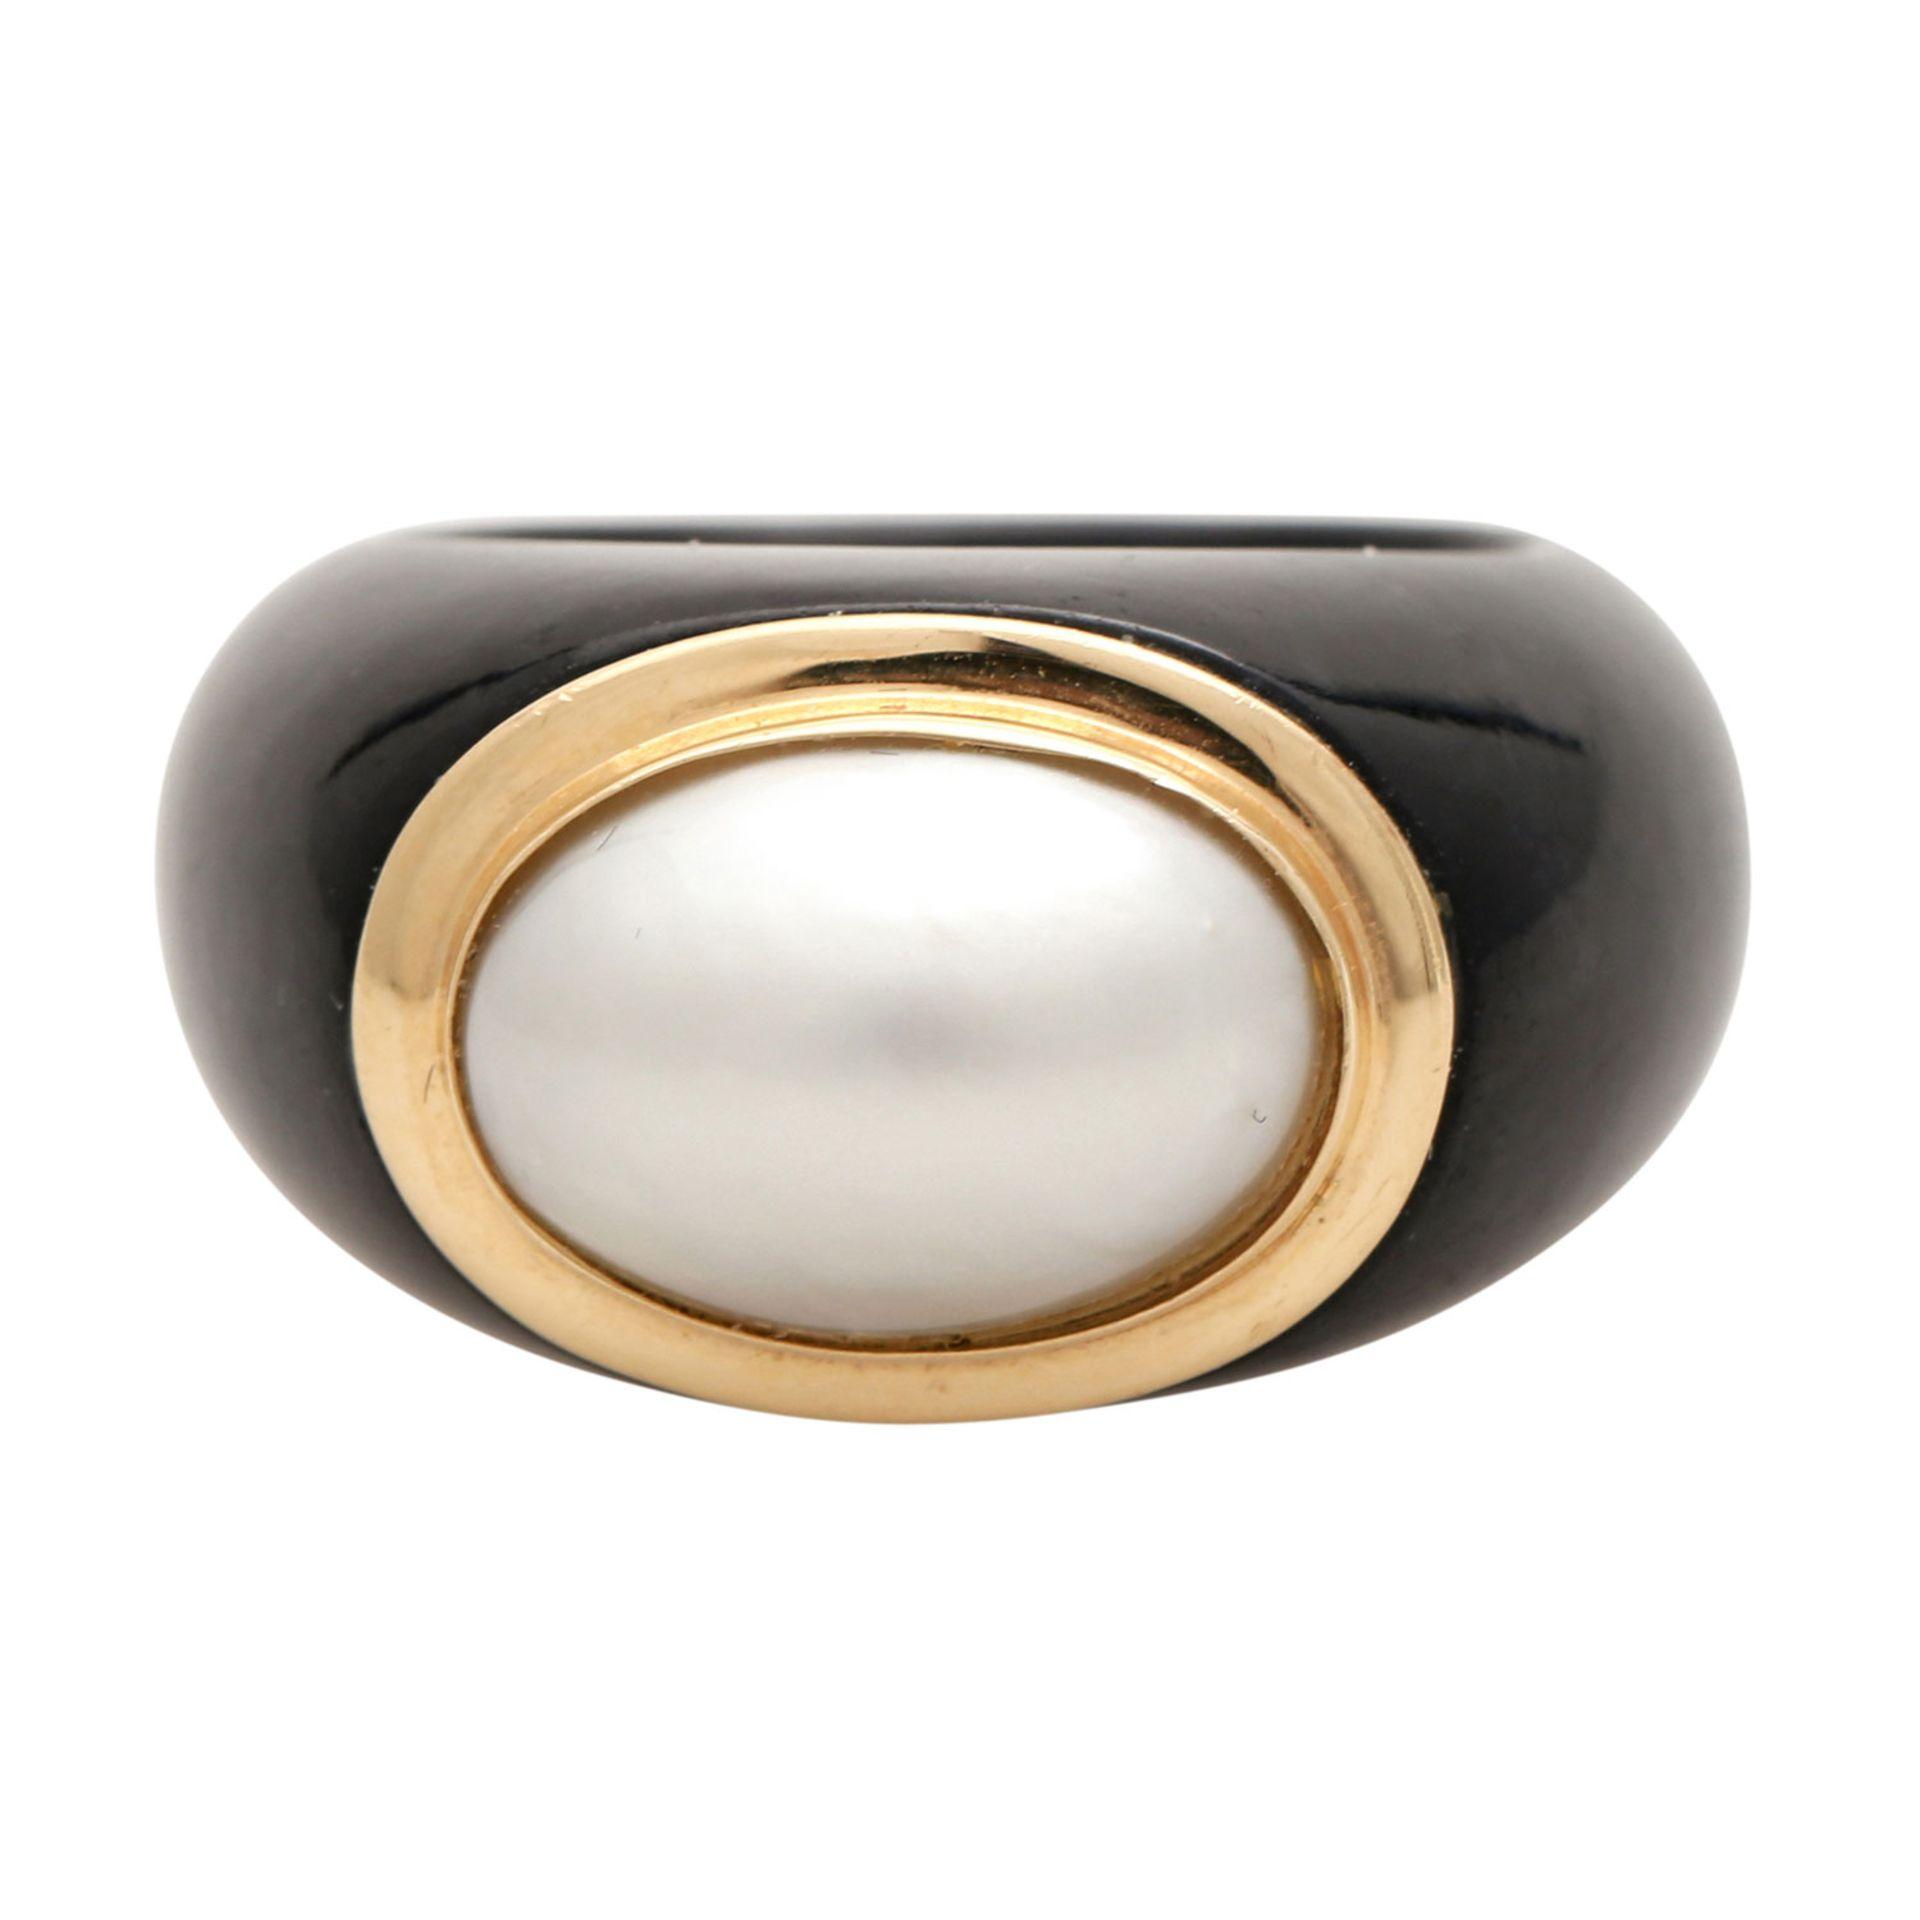 Los 30 - Konvolut Schmuck, 2-tlg: 1 Onyxring mit einer Mabée-Perle, Fassung GG 14K, Ringgröße ca. 55 u. 1